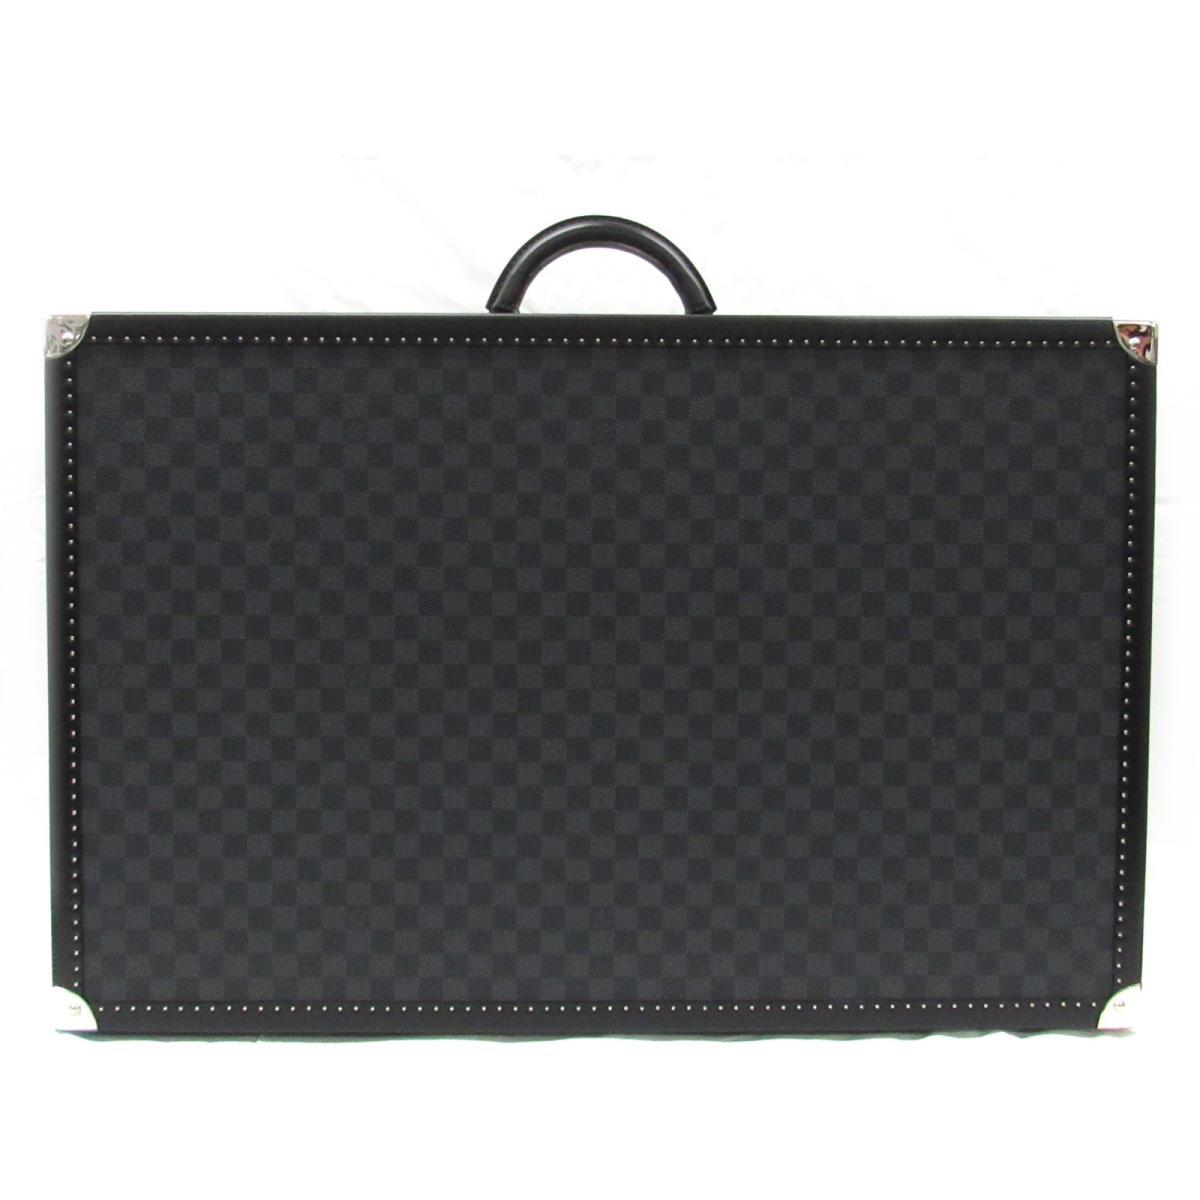 【中古】 ルイヴィトン アルゼール75 旅行バッグ レディース ダミエ・グラフィット (N48192)   LOUIS VUITTON BRANDOFF ブランドオフ ヴィトン ルイ・ヴィトン ブランド ブランドバッグ バッグ ビジネスバッグ ハンドバッグ